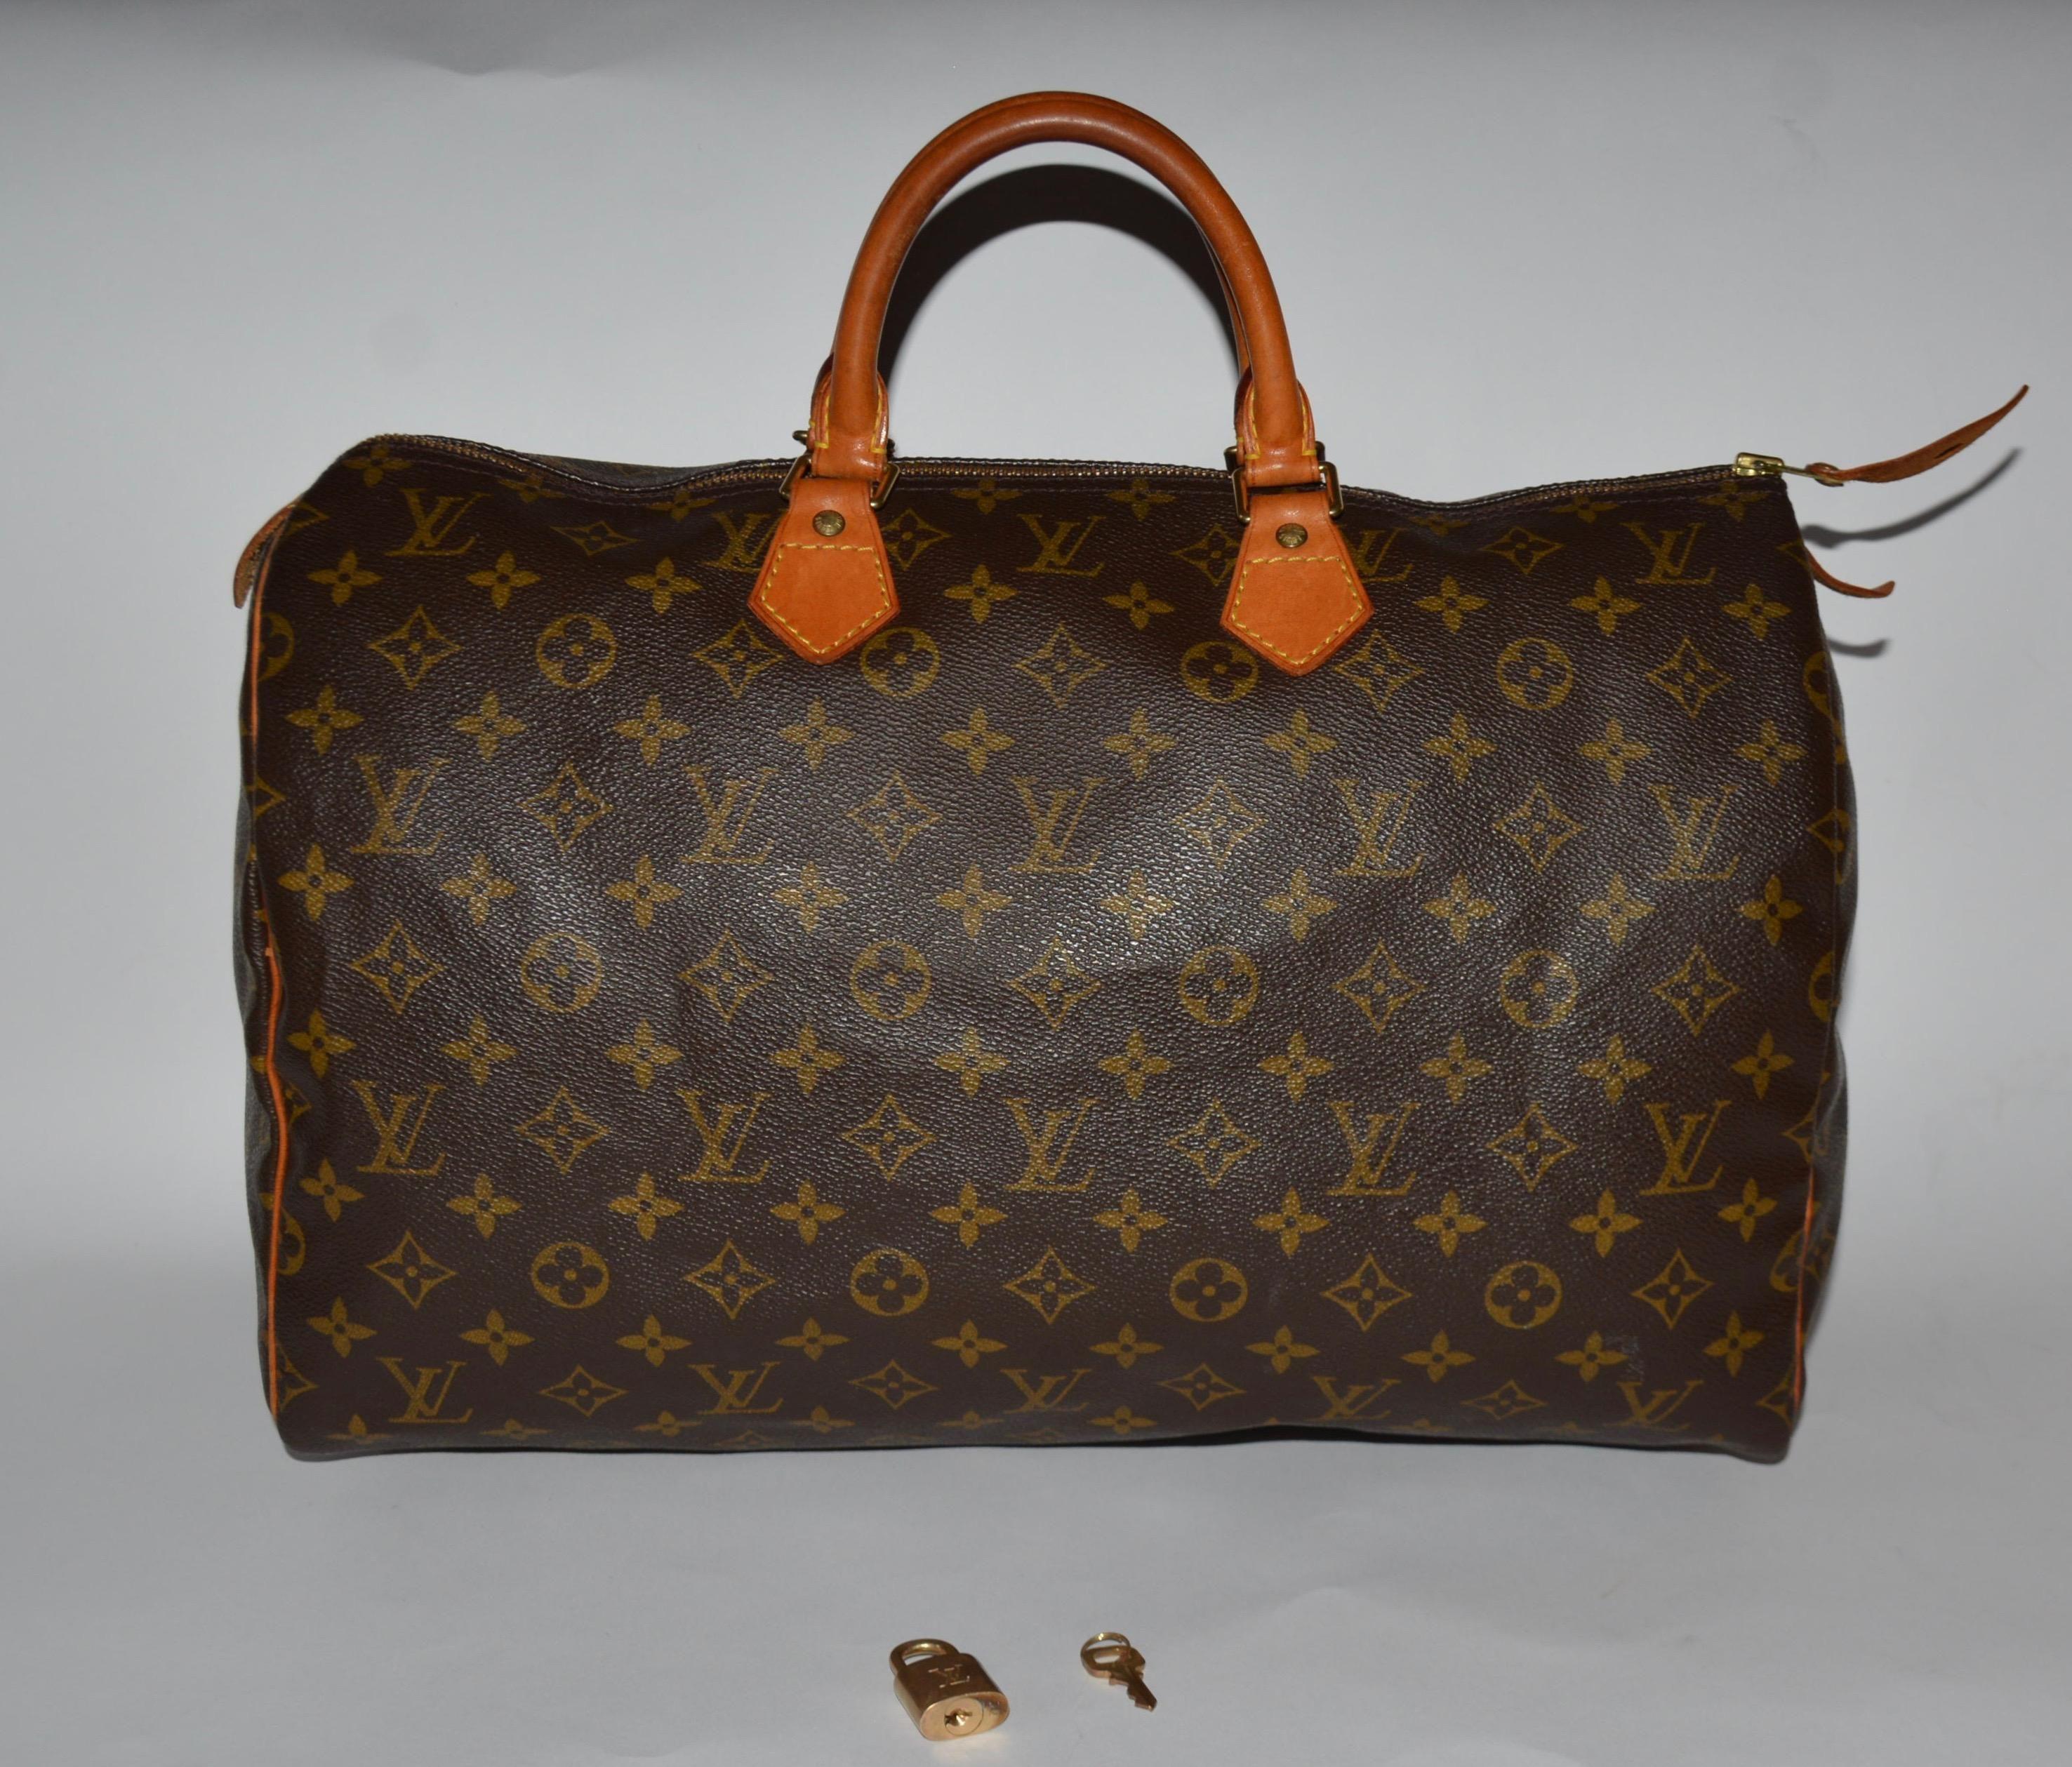 08f45fddbf85 Louis Vuitton Monogram Canvas Speedy 40 Brown Satchel. Save 66% on the Louis  Vuitton Monogram Canvas Speedy 40 Brown Satchel!